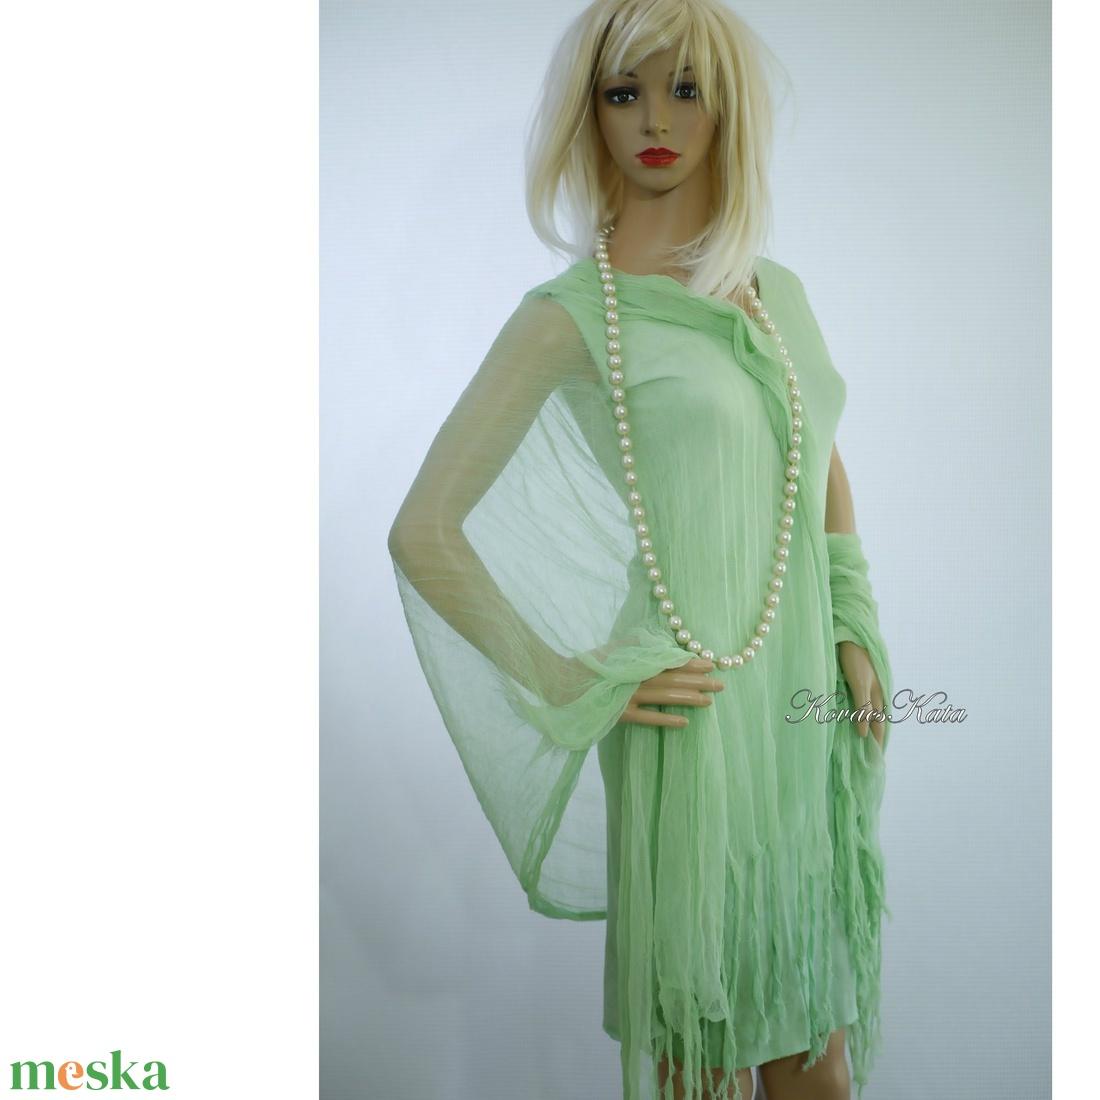 PIXY-SZETT / borsózöld - batikolt trikóruha szabdalt gézstólával  - ruha & divat - női ruha - ruha - Meska.hu